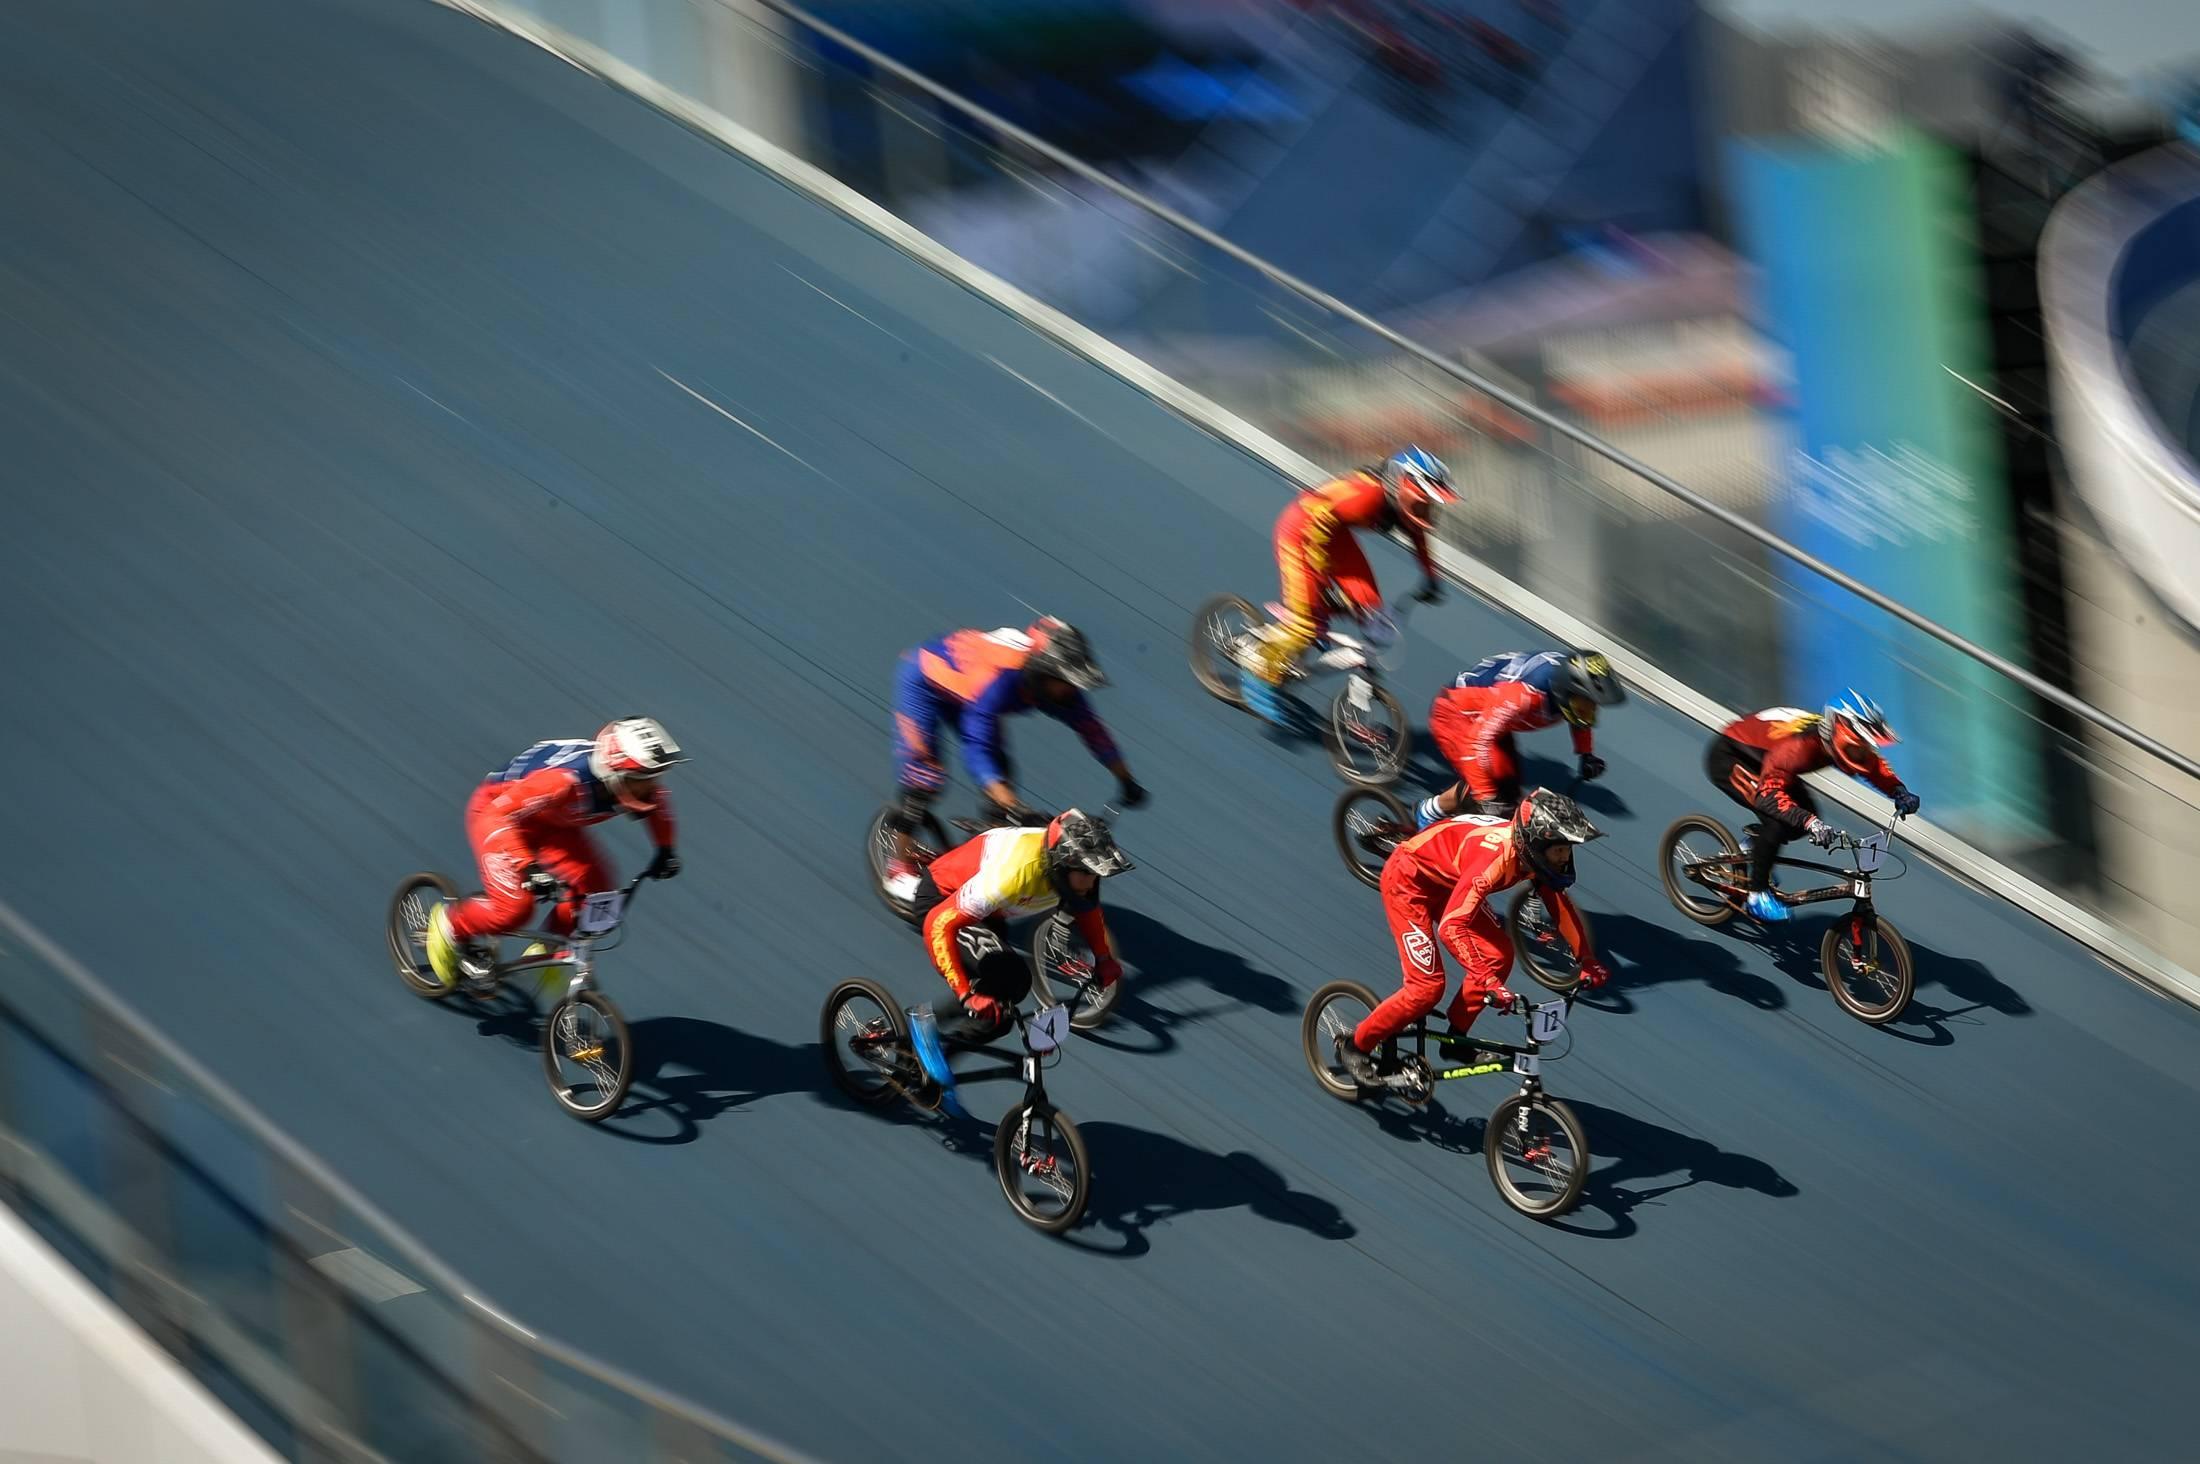 视觉直击全运赛场   小轮车赛场上的竞速魅力